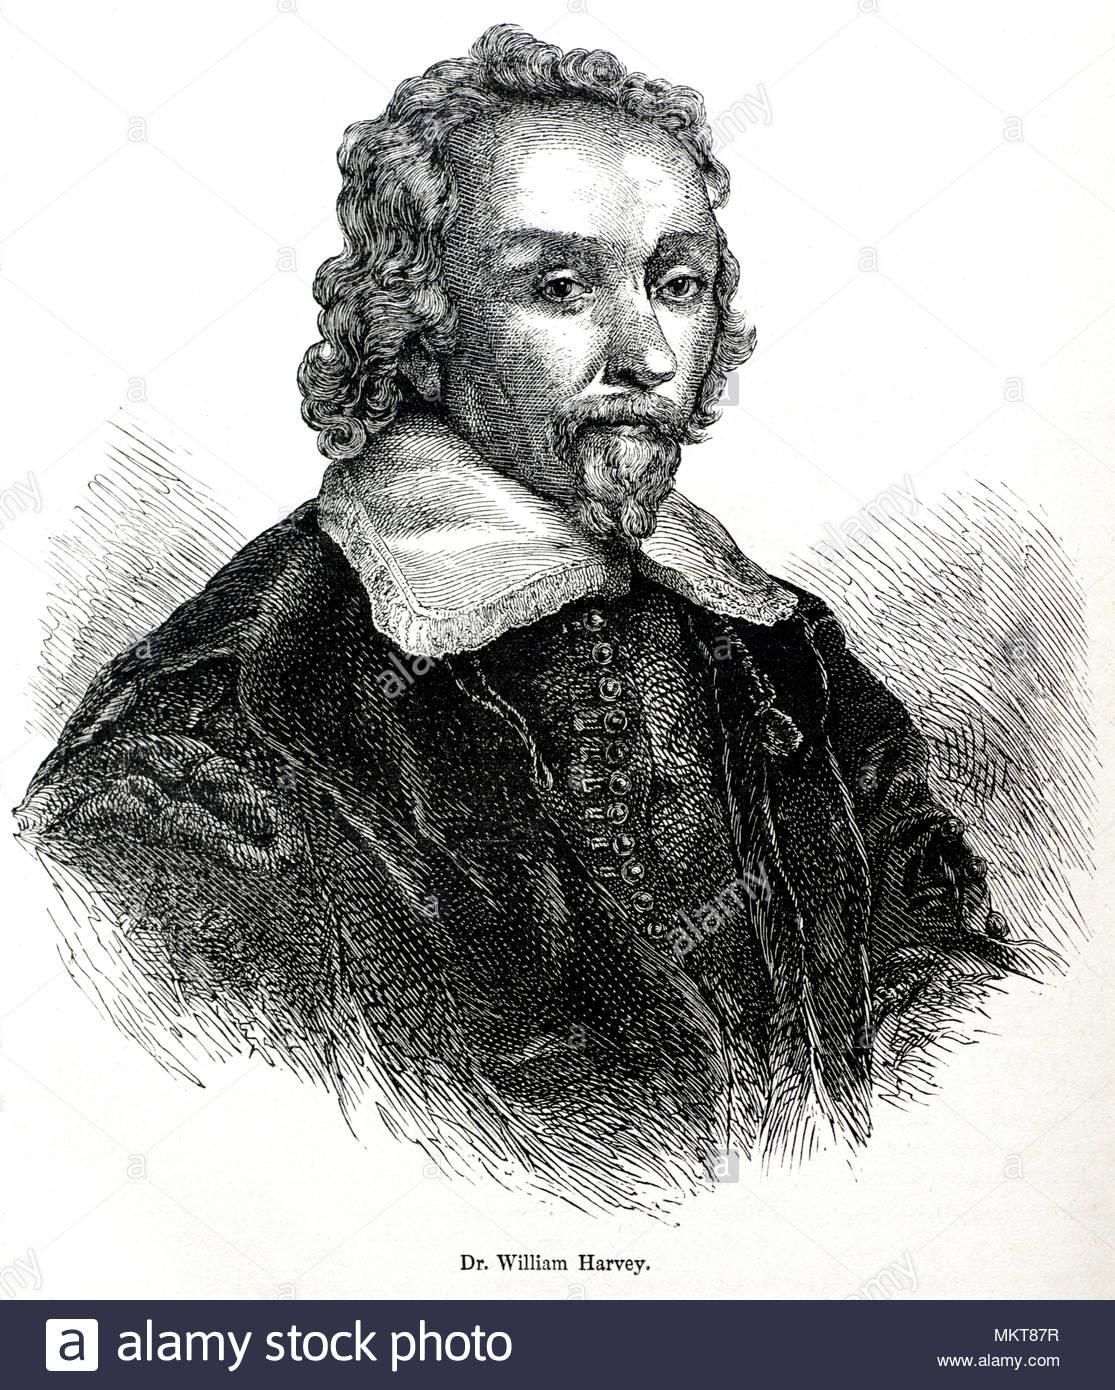 Le Dr William Harvey portrait, 1578 - 1657, était un médecin anglais qui a fait des contributions à l'anatomie et de la physiologie, de l'illustration antique vers 1880 Photo Stock